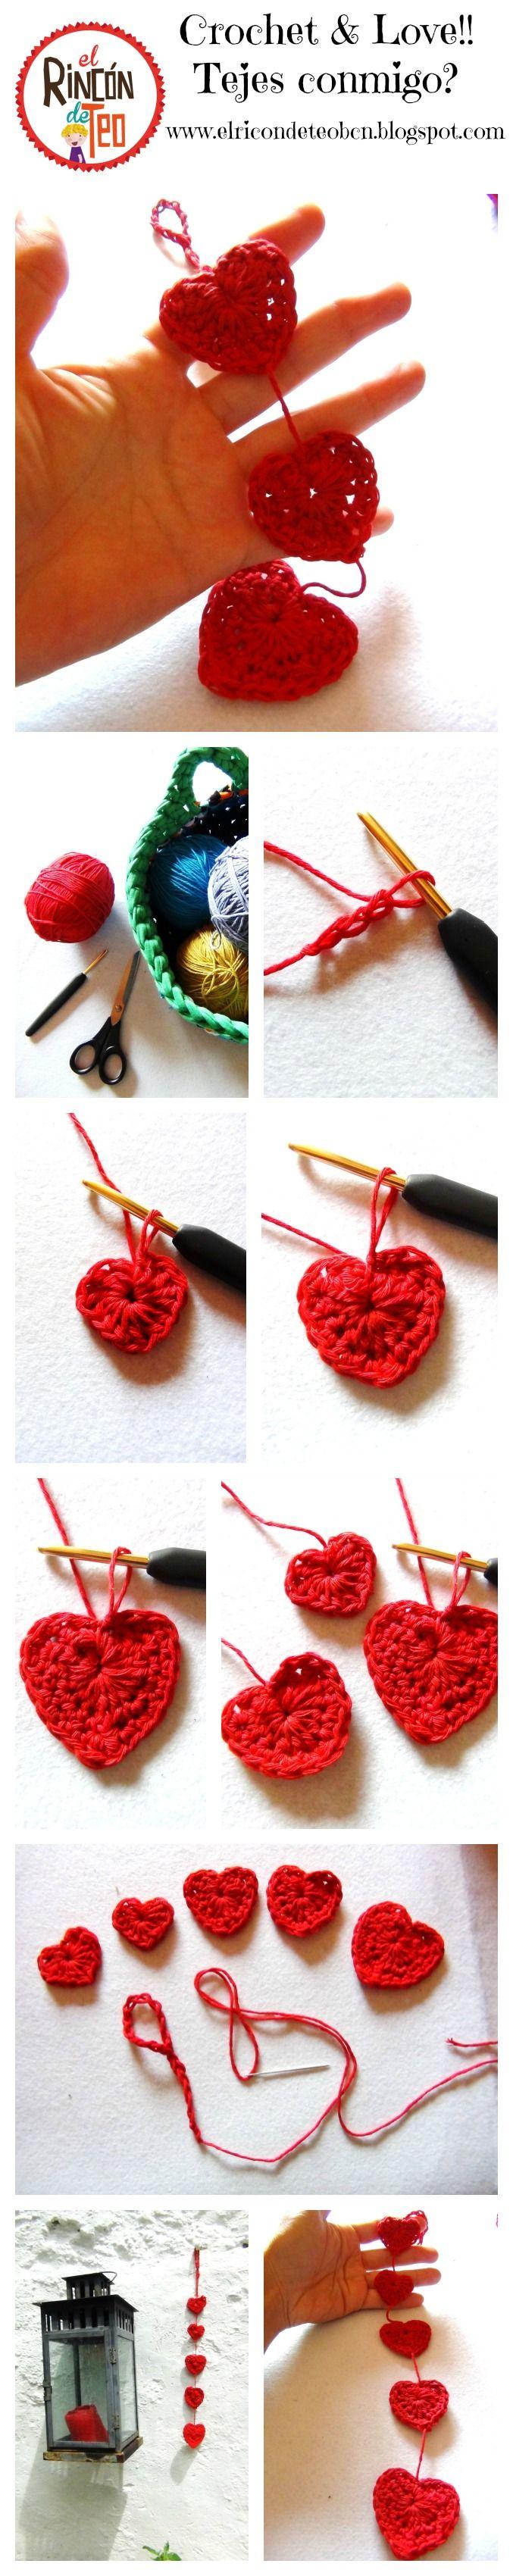 Buenos días!!! Hoy venimos con otro #tutorial de #Ganchillo en el Blog!!! Esta vez una Guirnalda de Corazones!! Bien facilísima para Crocheteras Principiantes!!! si te gusta comparte!!! Yepaaaa!! http://goo.gl/8FtRGa #tutorialganchillo #tutorial #tutorialcrochet #corazón #guirnaldacorazones #heartsbanner #diycrafts#diyhomedecor  www.elrincondeteobcn.blogspot.com